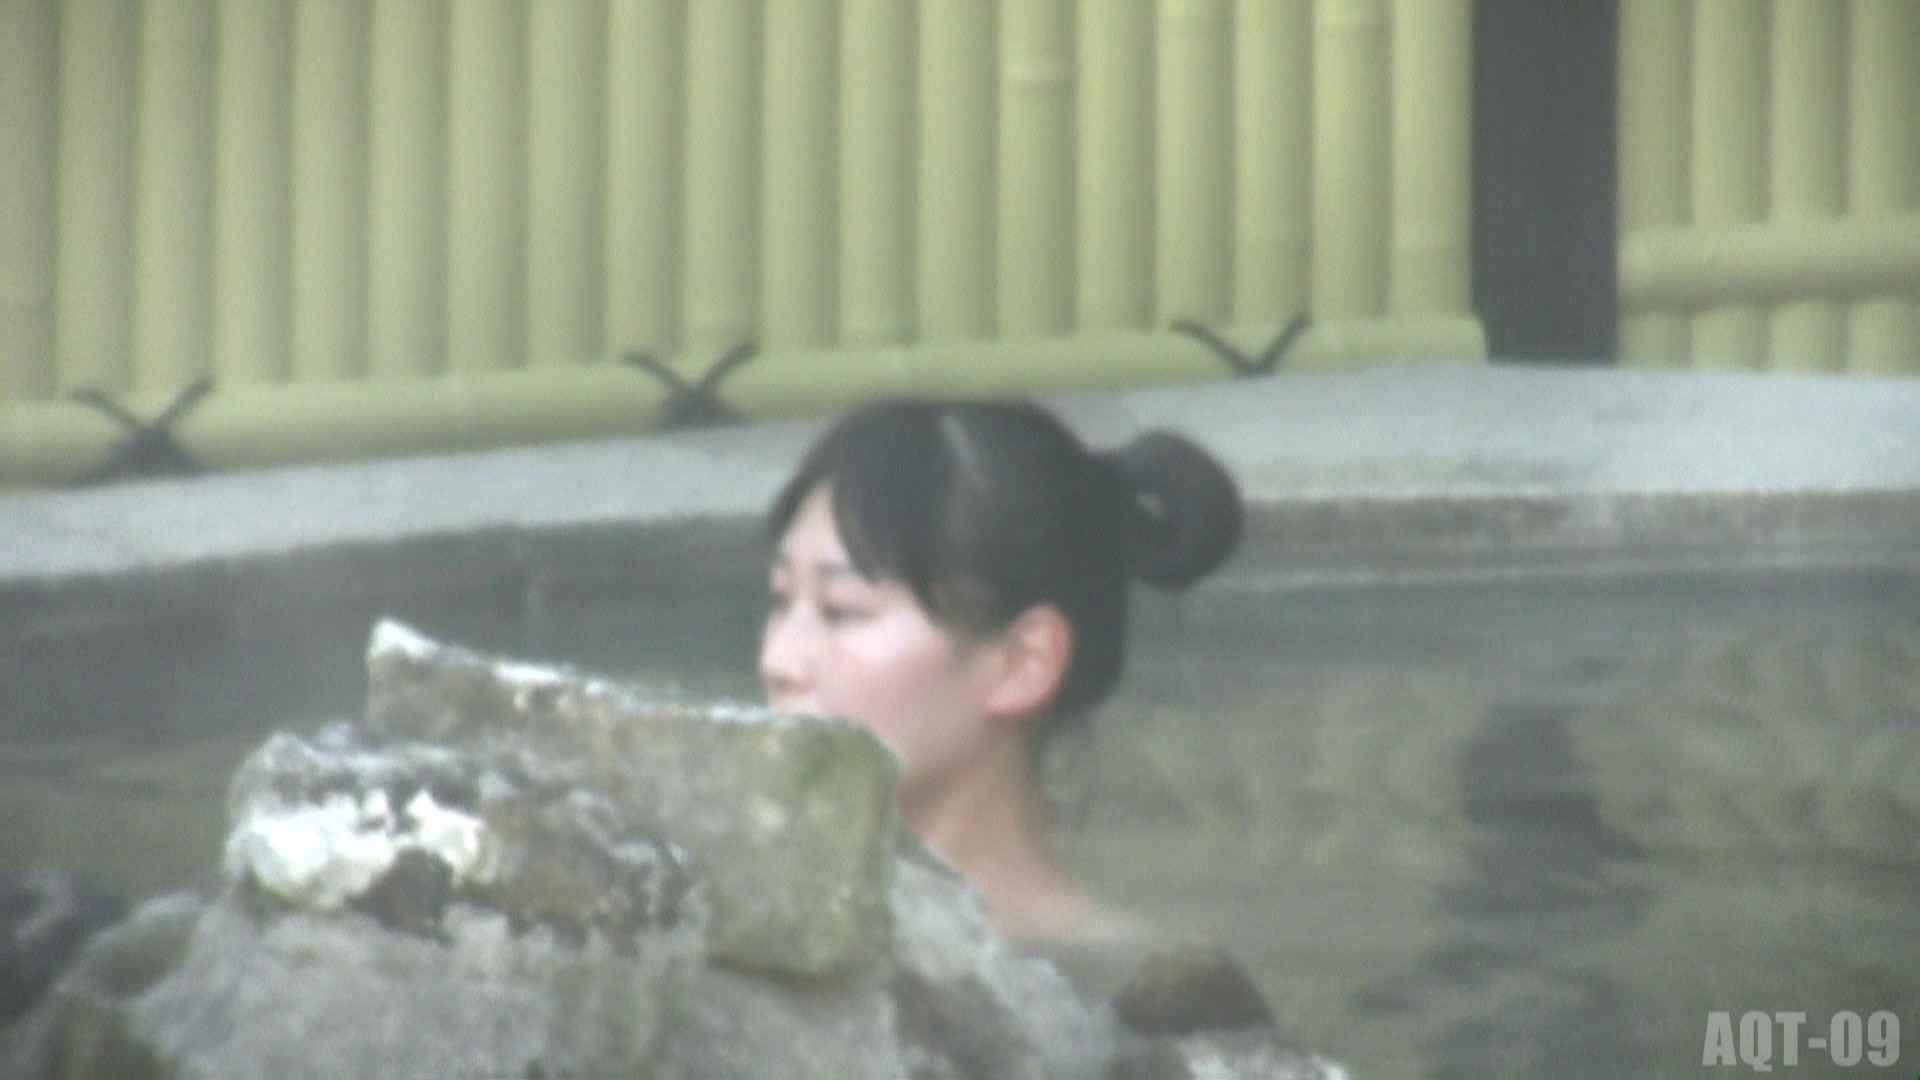 Aquaな露天風呂Vol.785 盗撮 | 露天  71pic 61